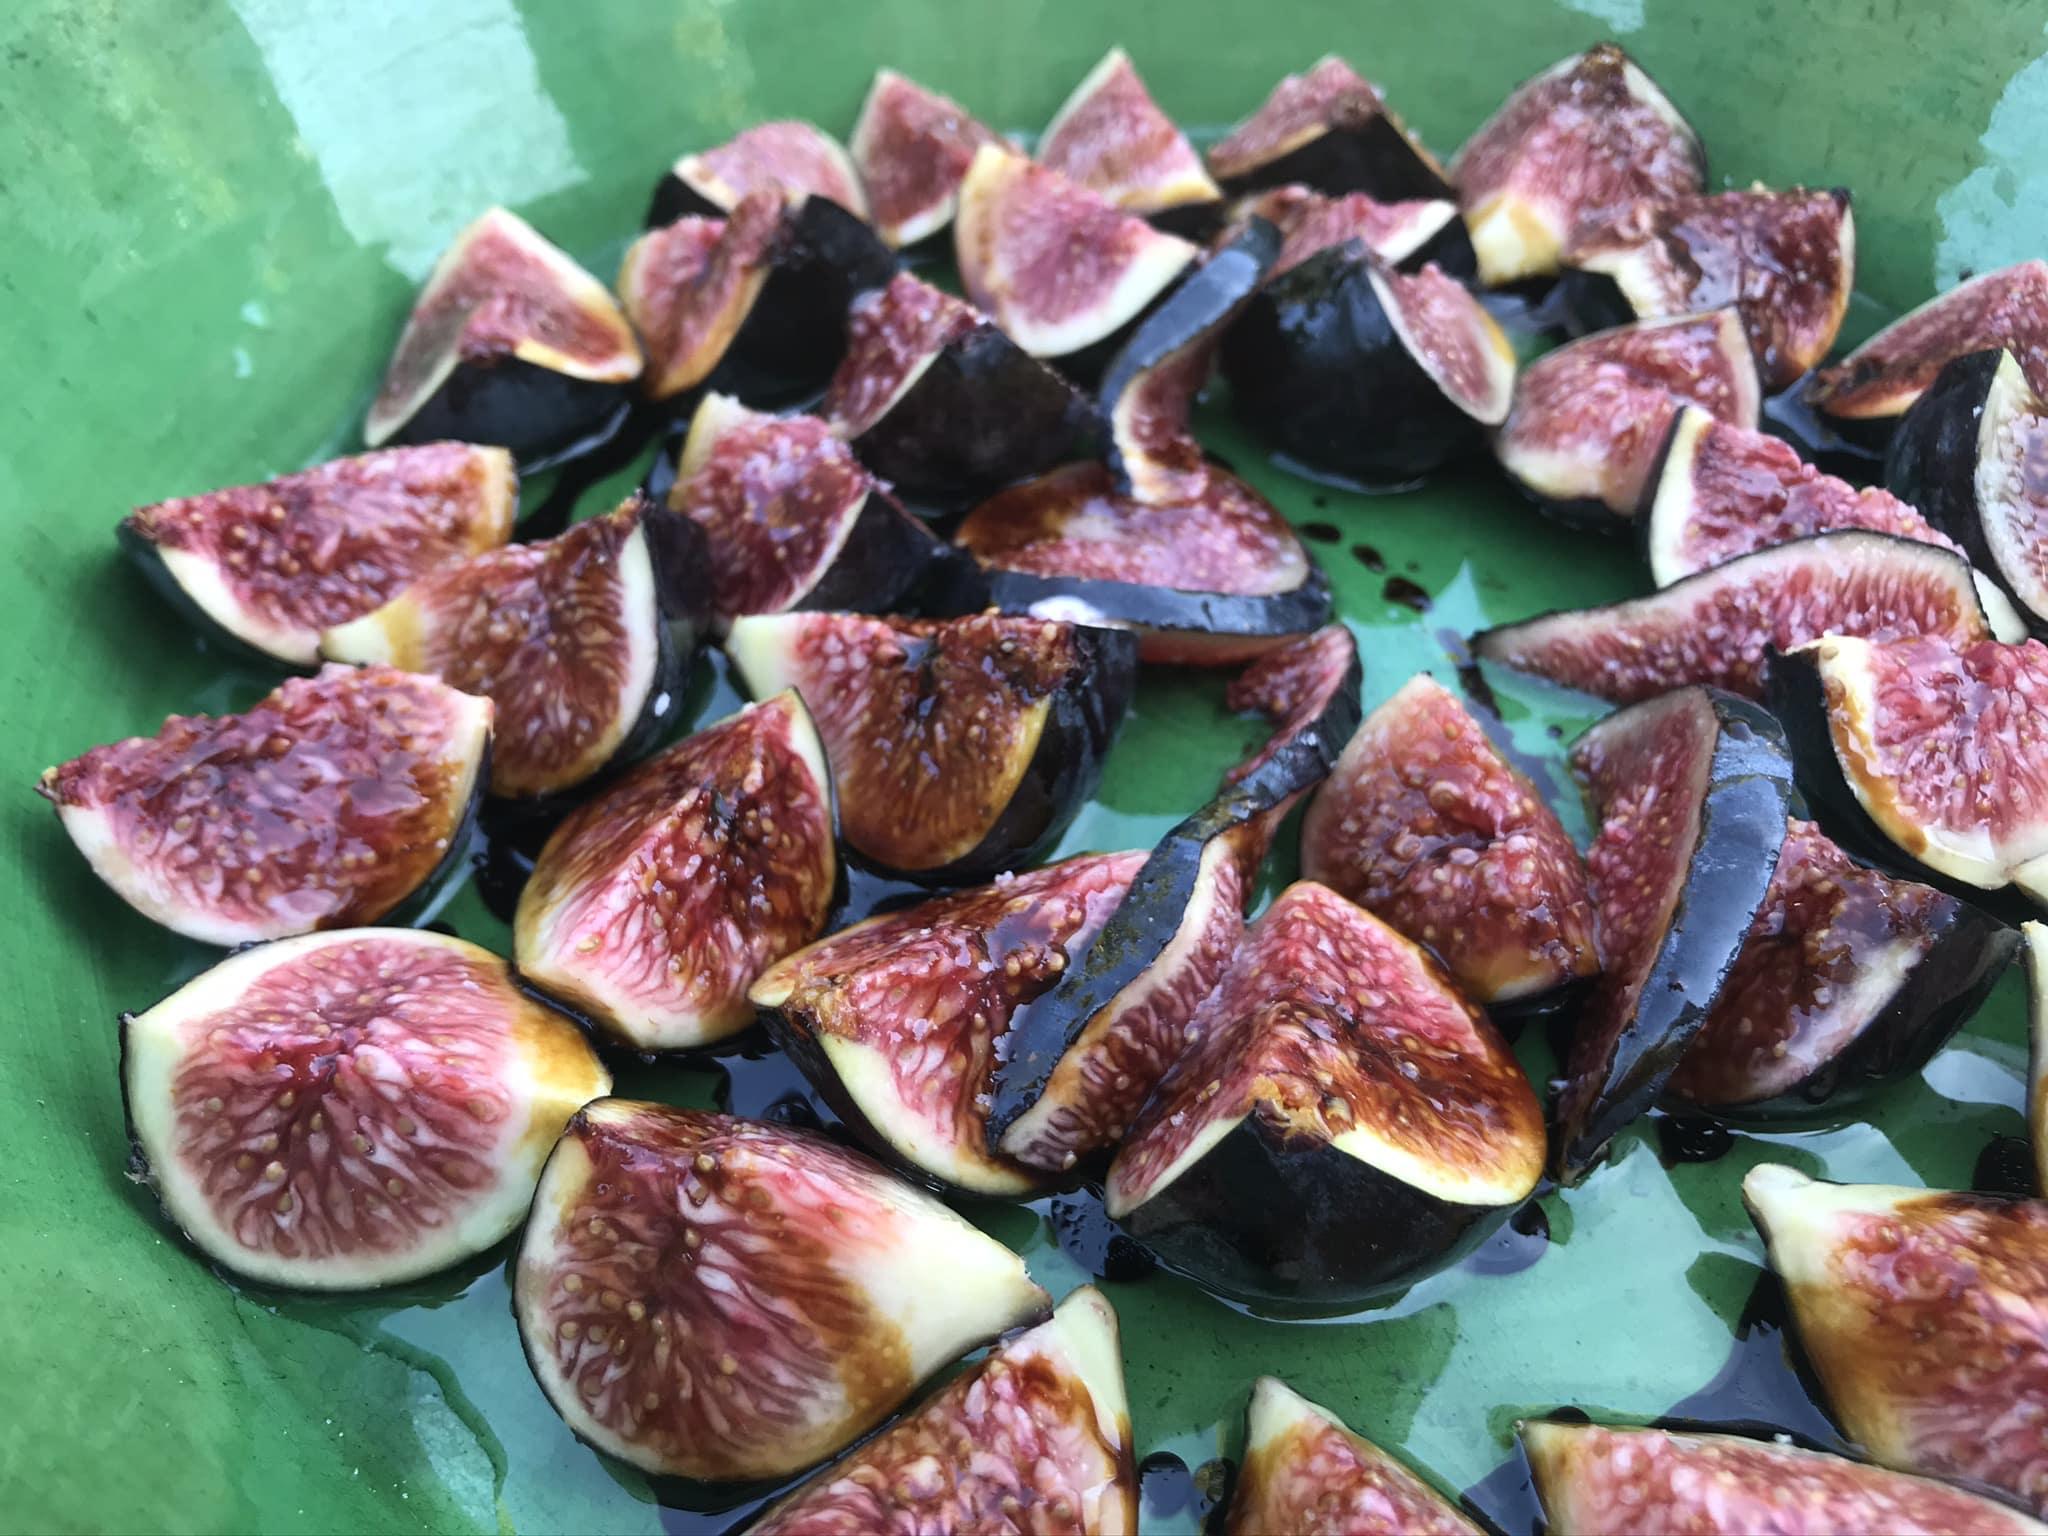 Meilleure recette avec des figues-lameilleurecette